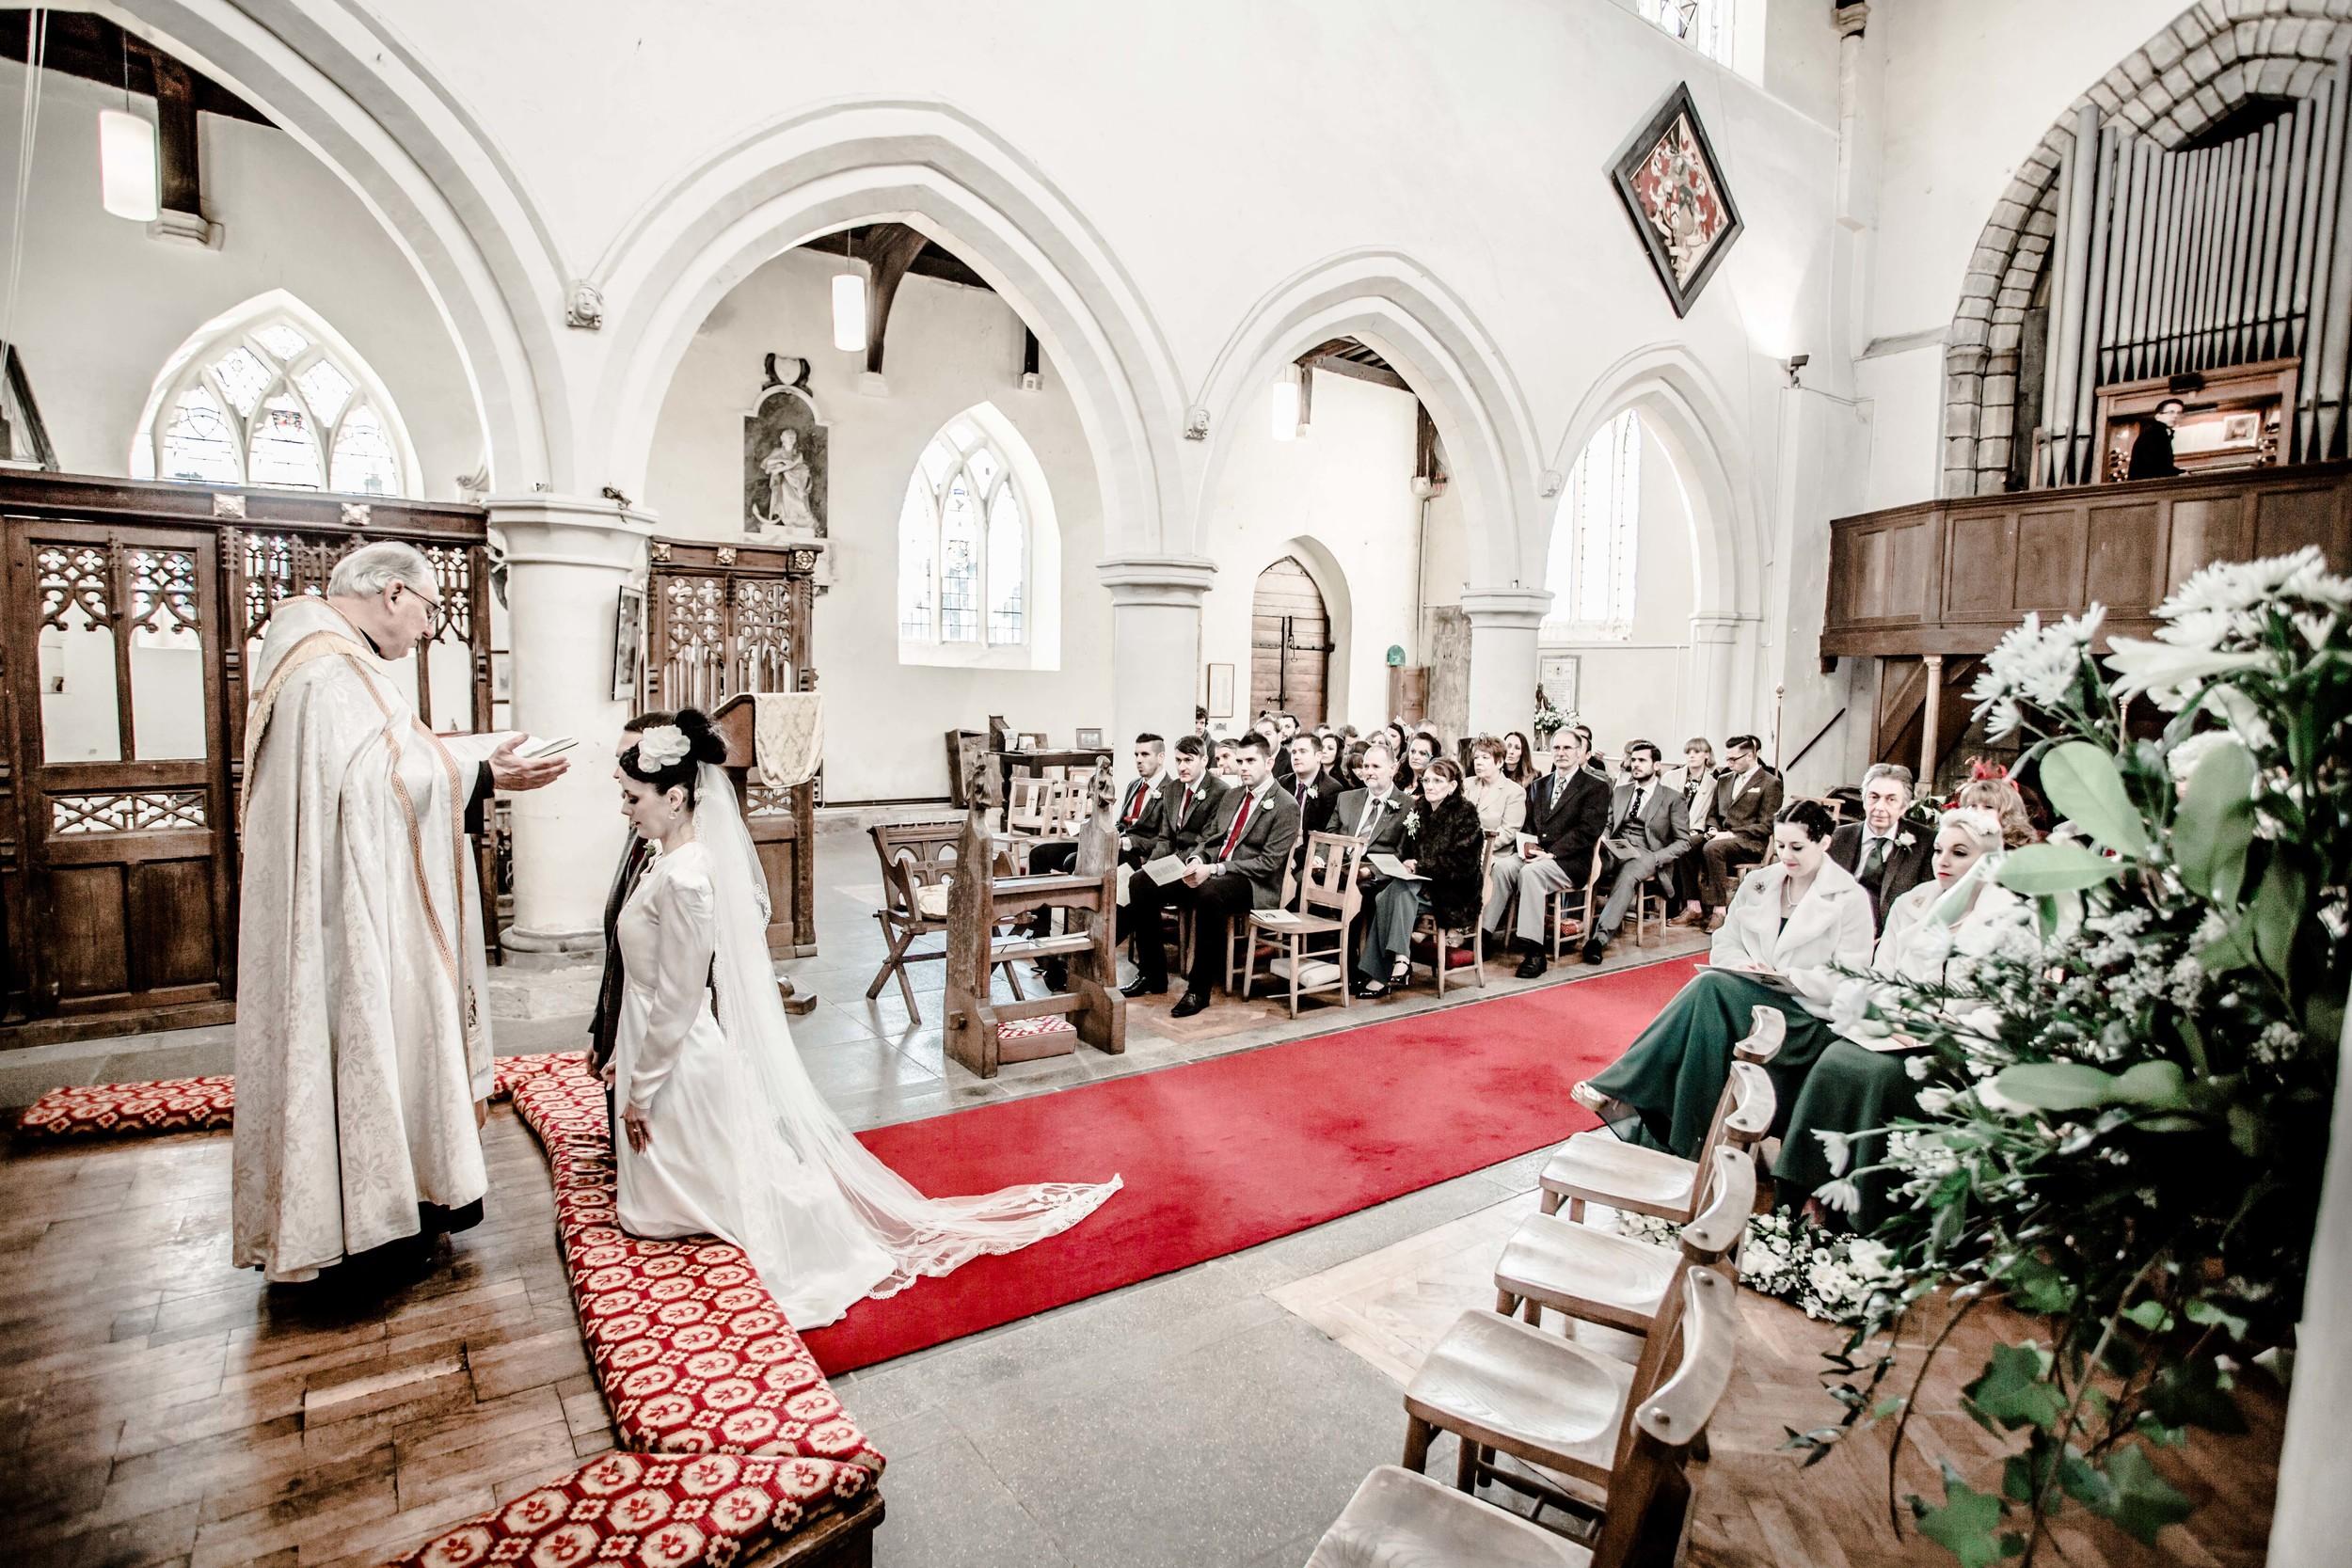 095 - Angela and Karls Wedding by www.markpugh.com -6716.jpg